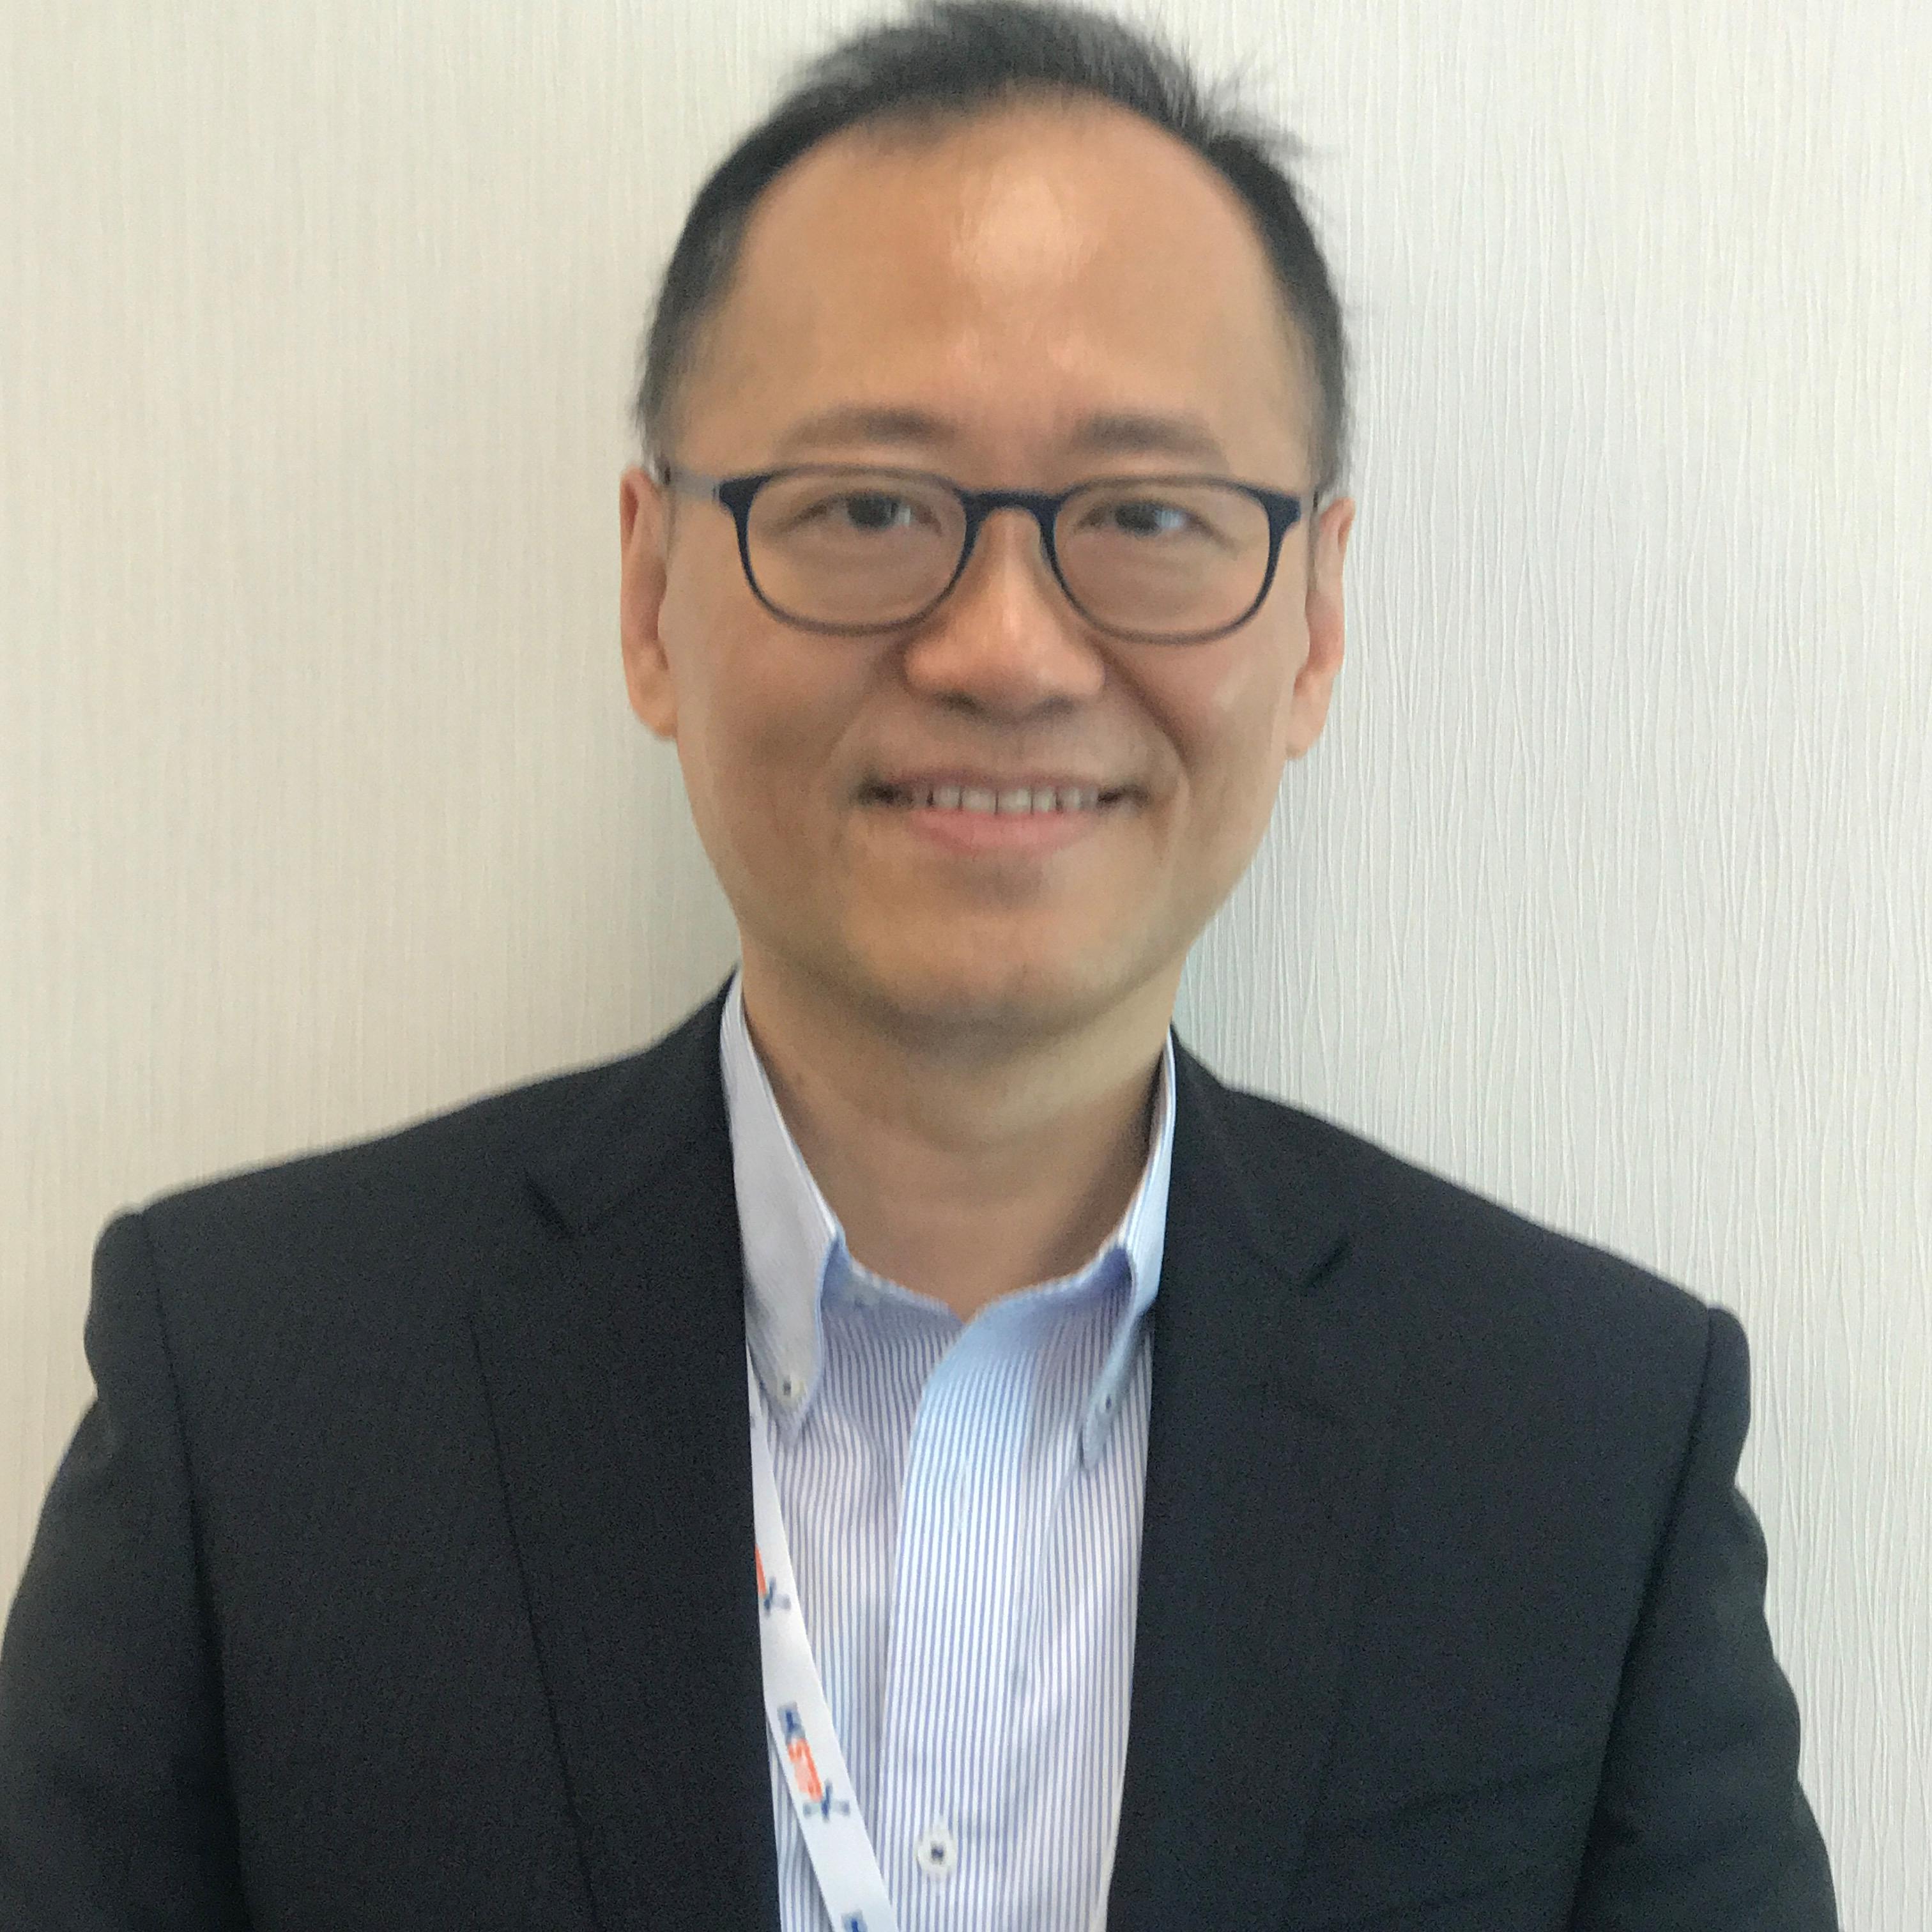 Peter Luk, Associate Director, Business Development, Mainland International at HKSTP